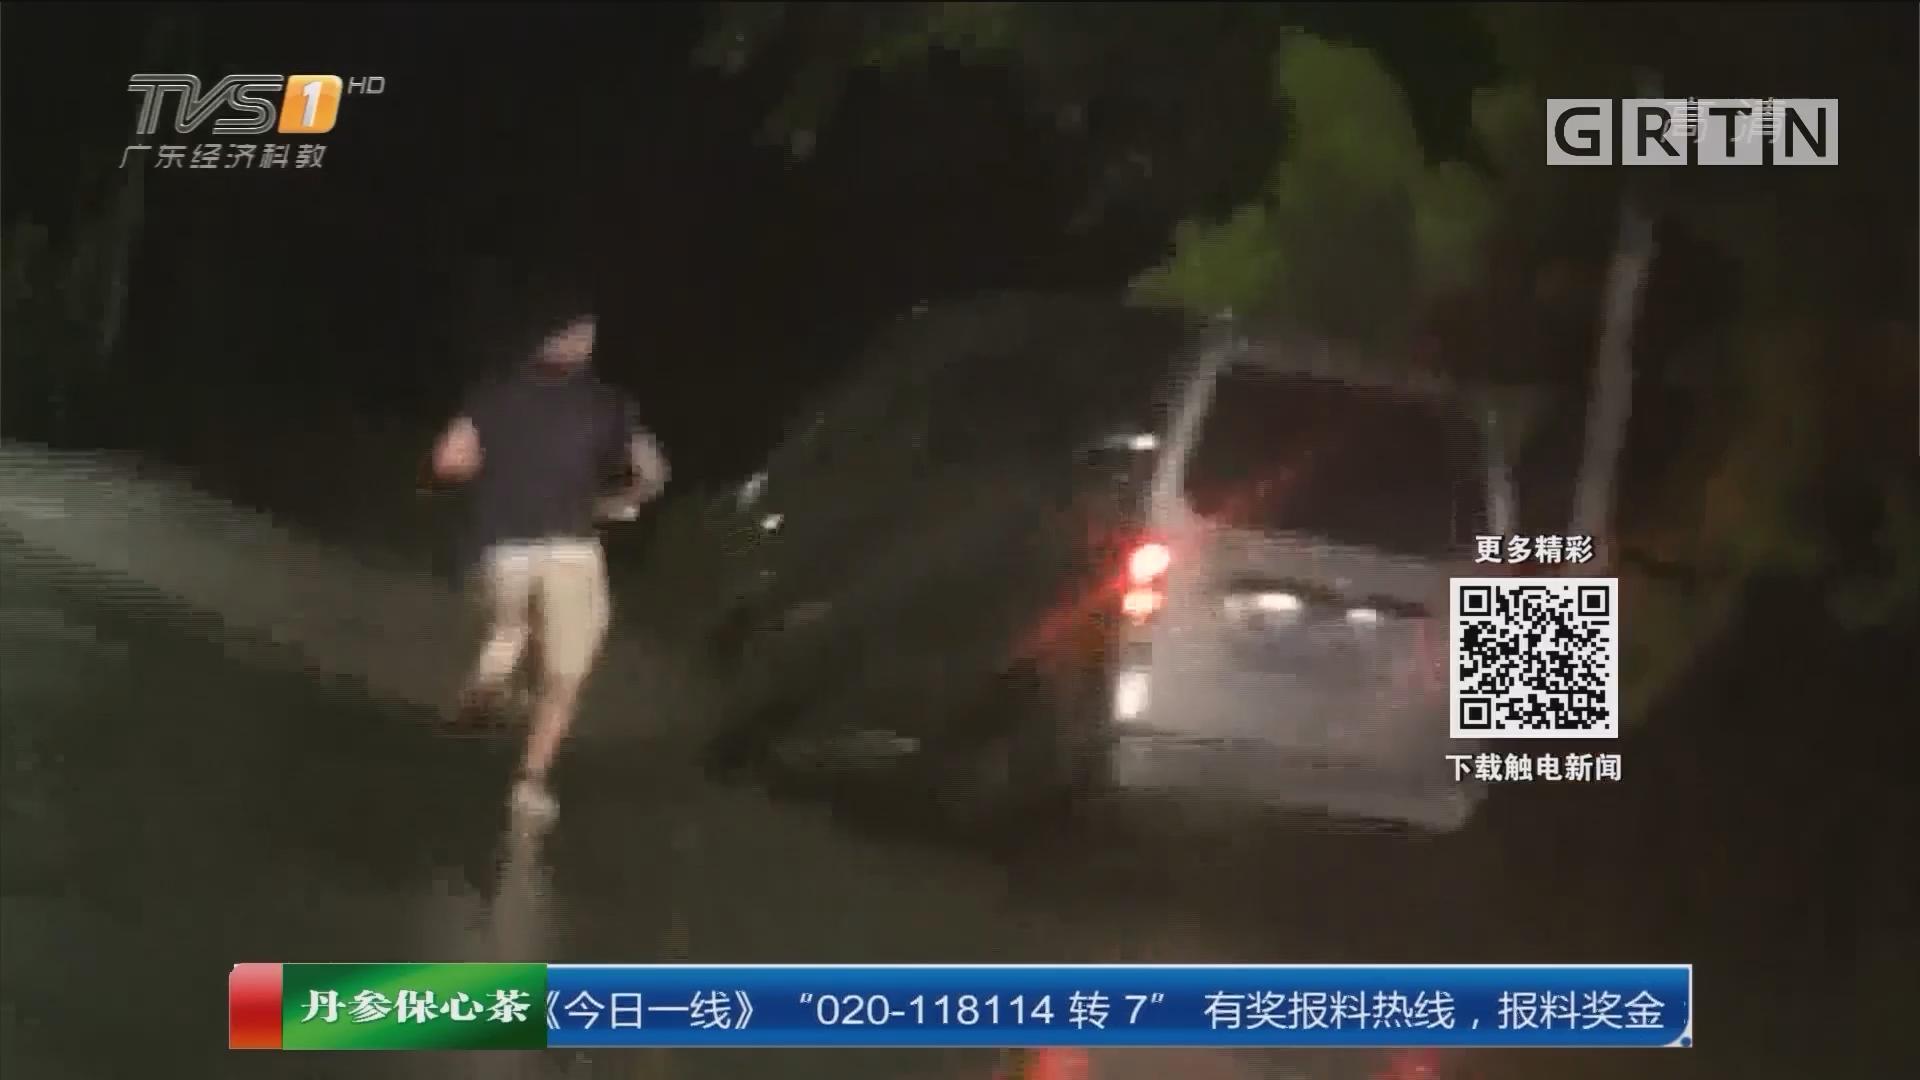 惠州大亚湾:疯狂偷车贼开车对撞拒捕 一人落网